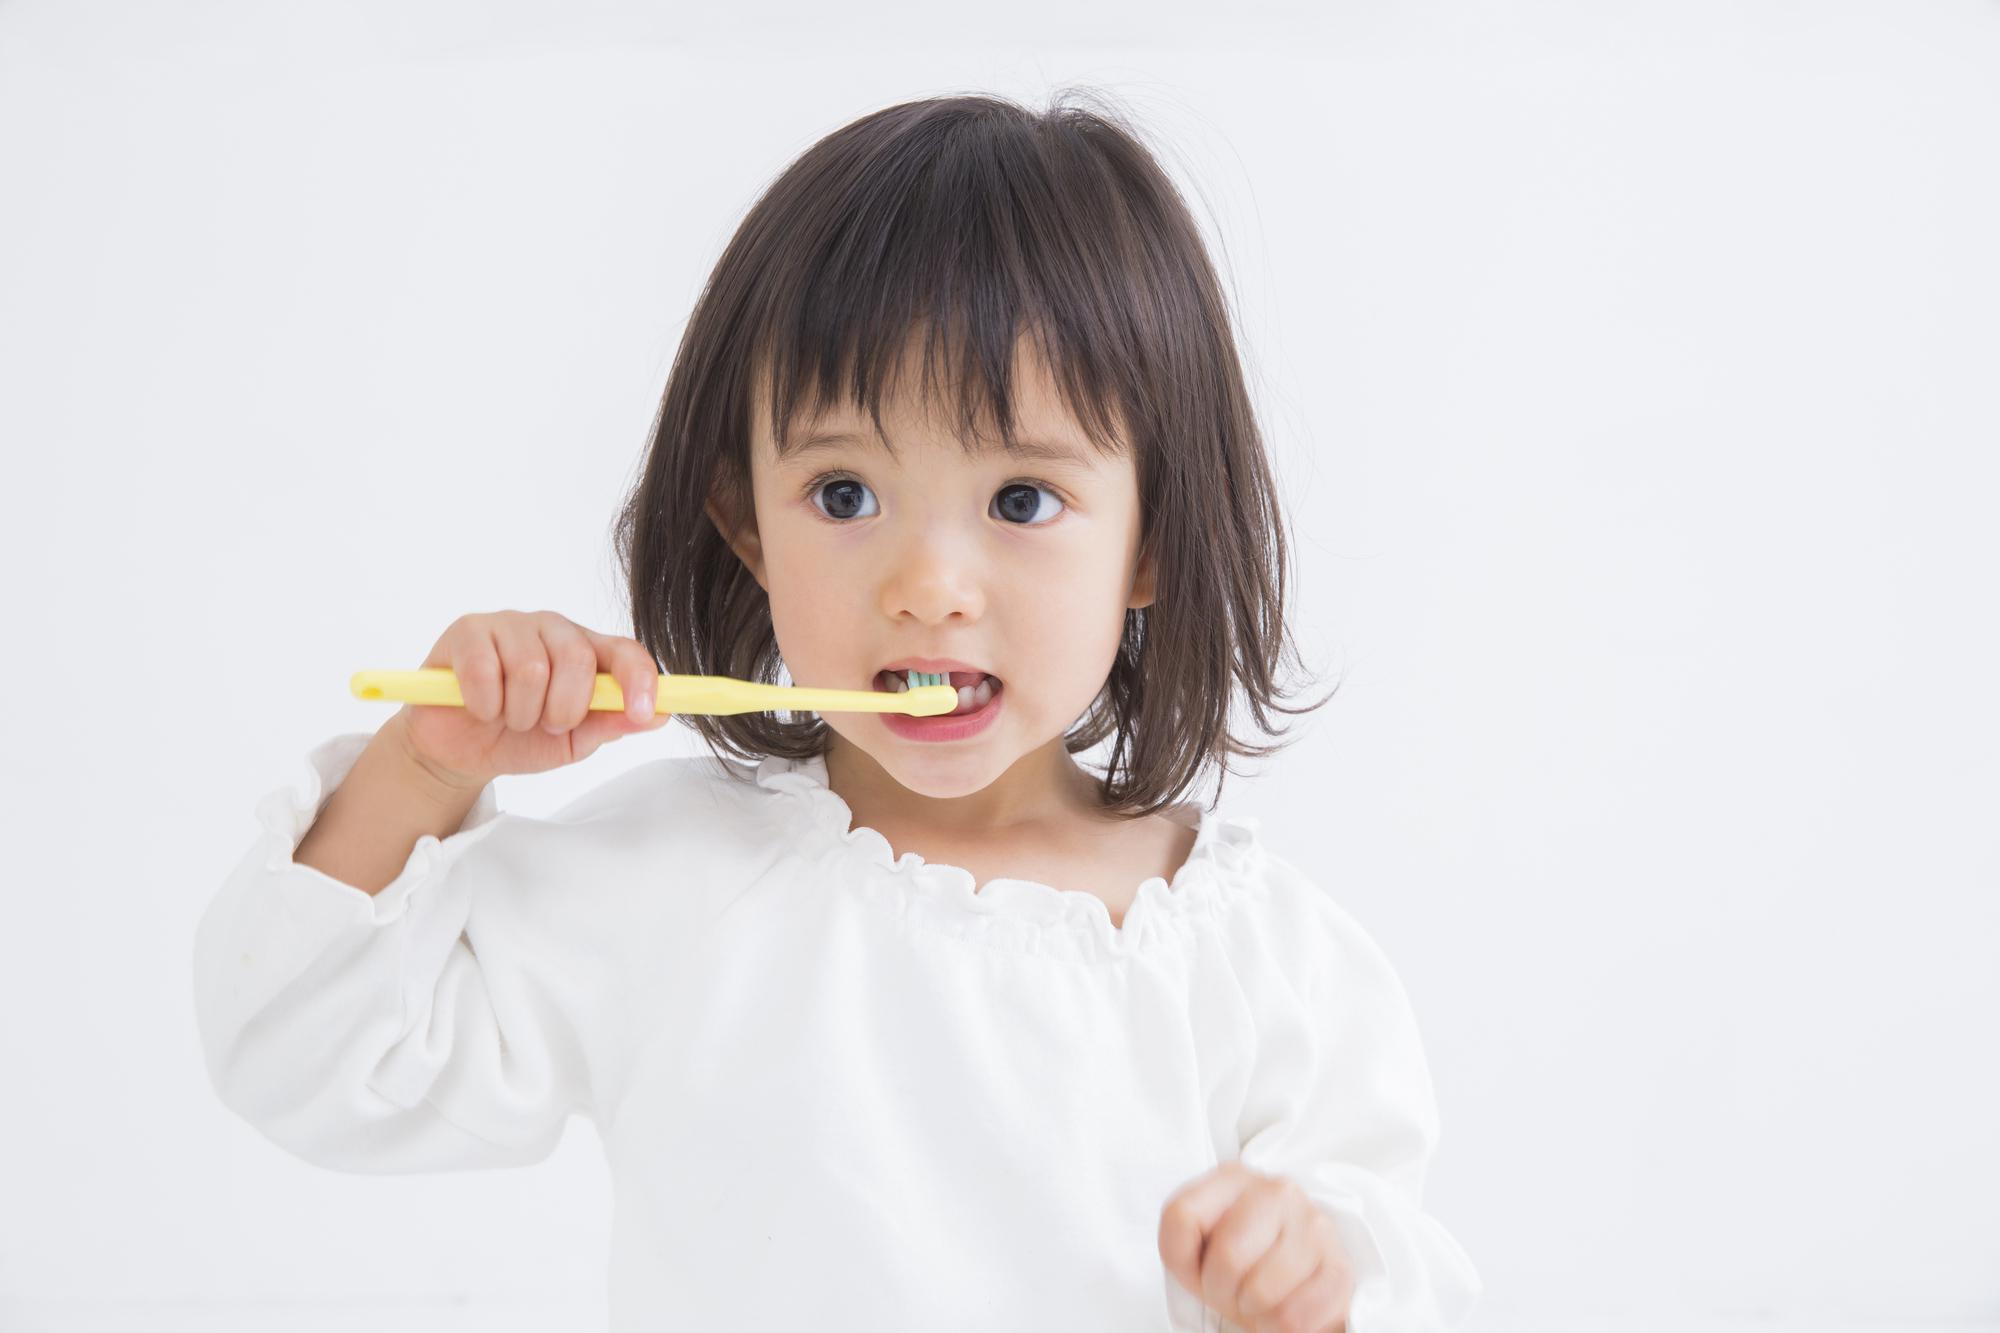 子ども 歯磨き 嫌がる